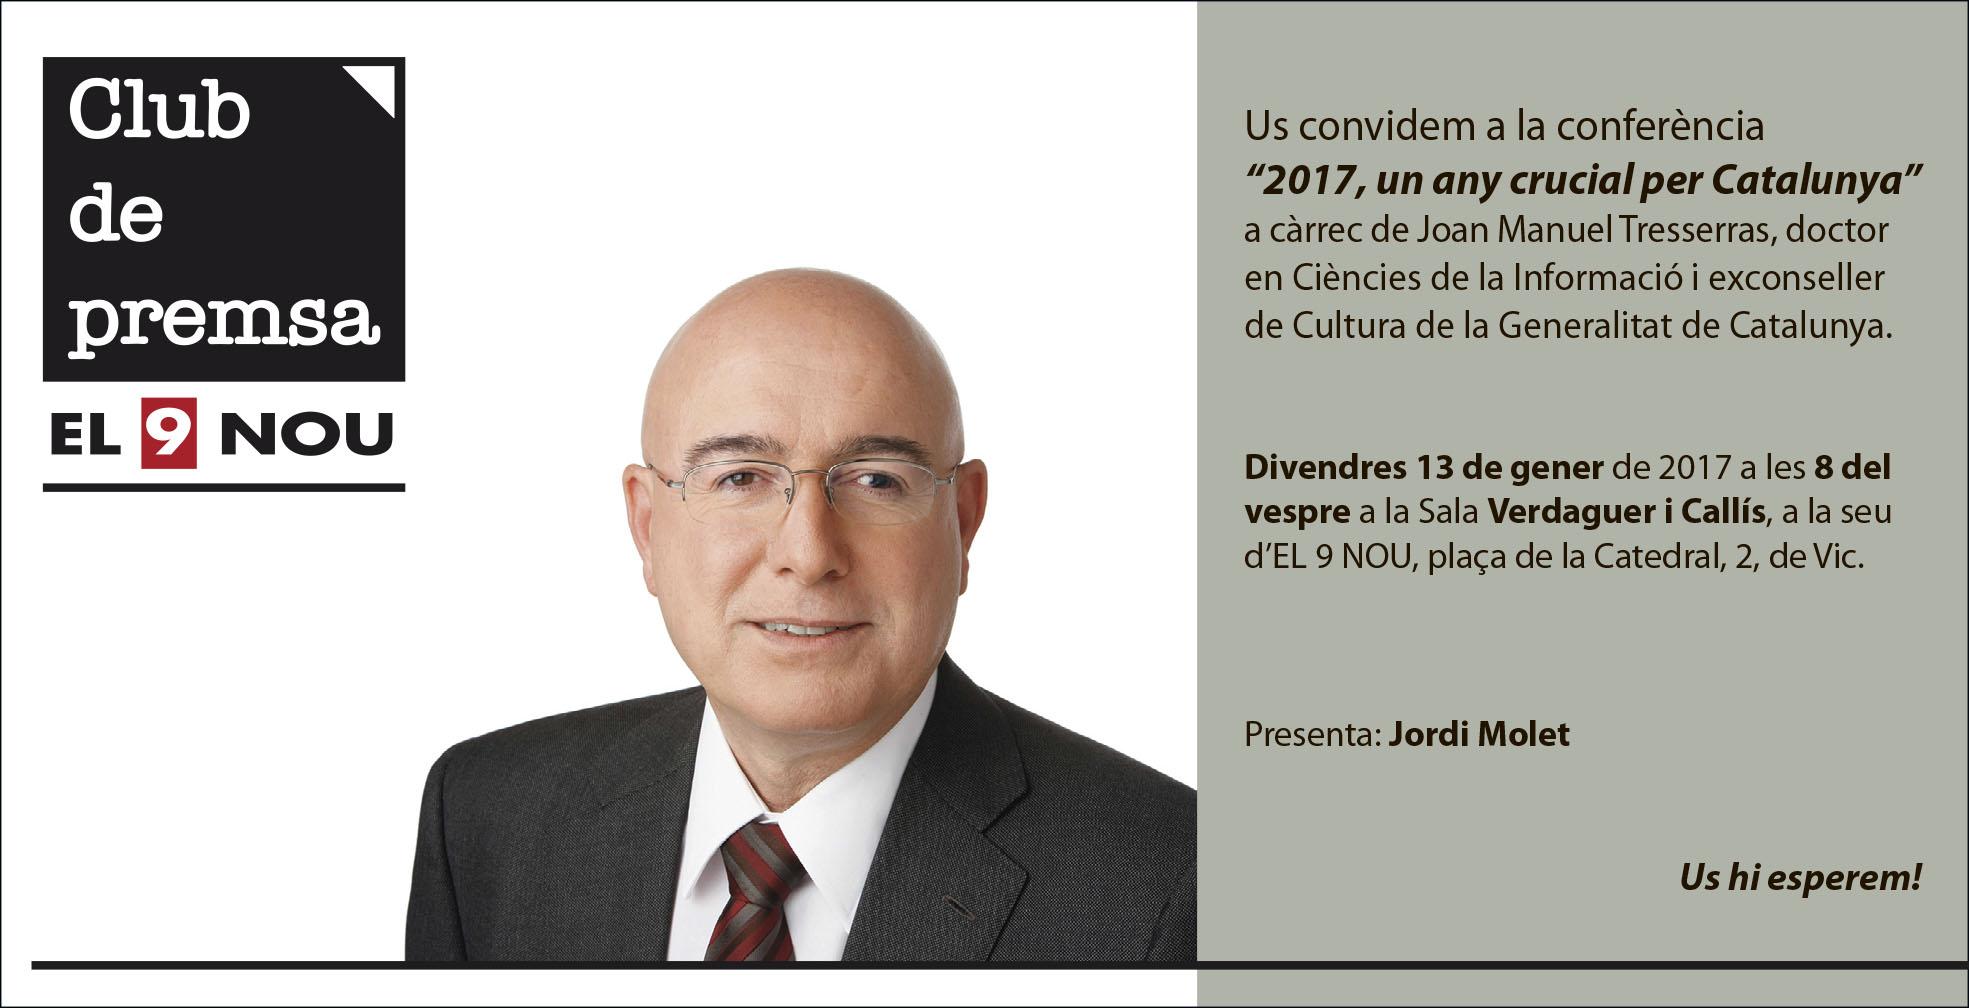 Joan Manuel Tresserras pronunciarà la conferència a partir de les 8 del vespre a la seu de El 9 Nou de Vic